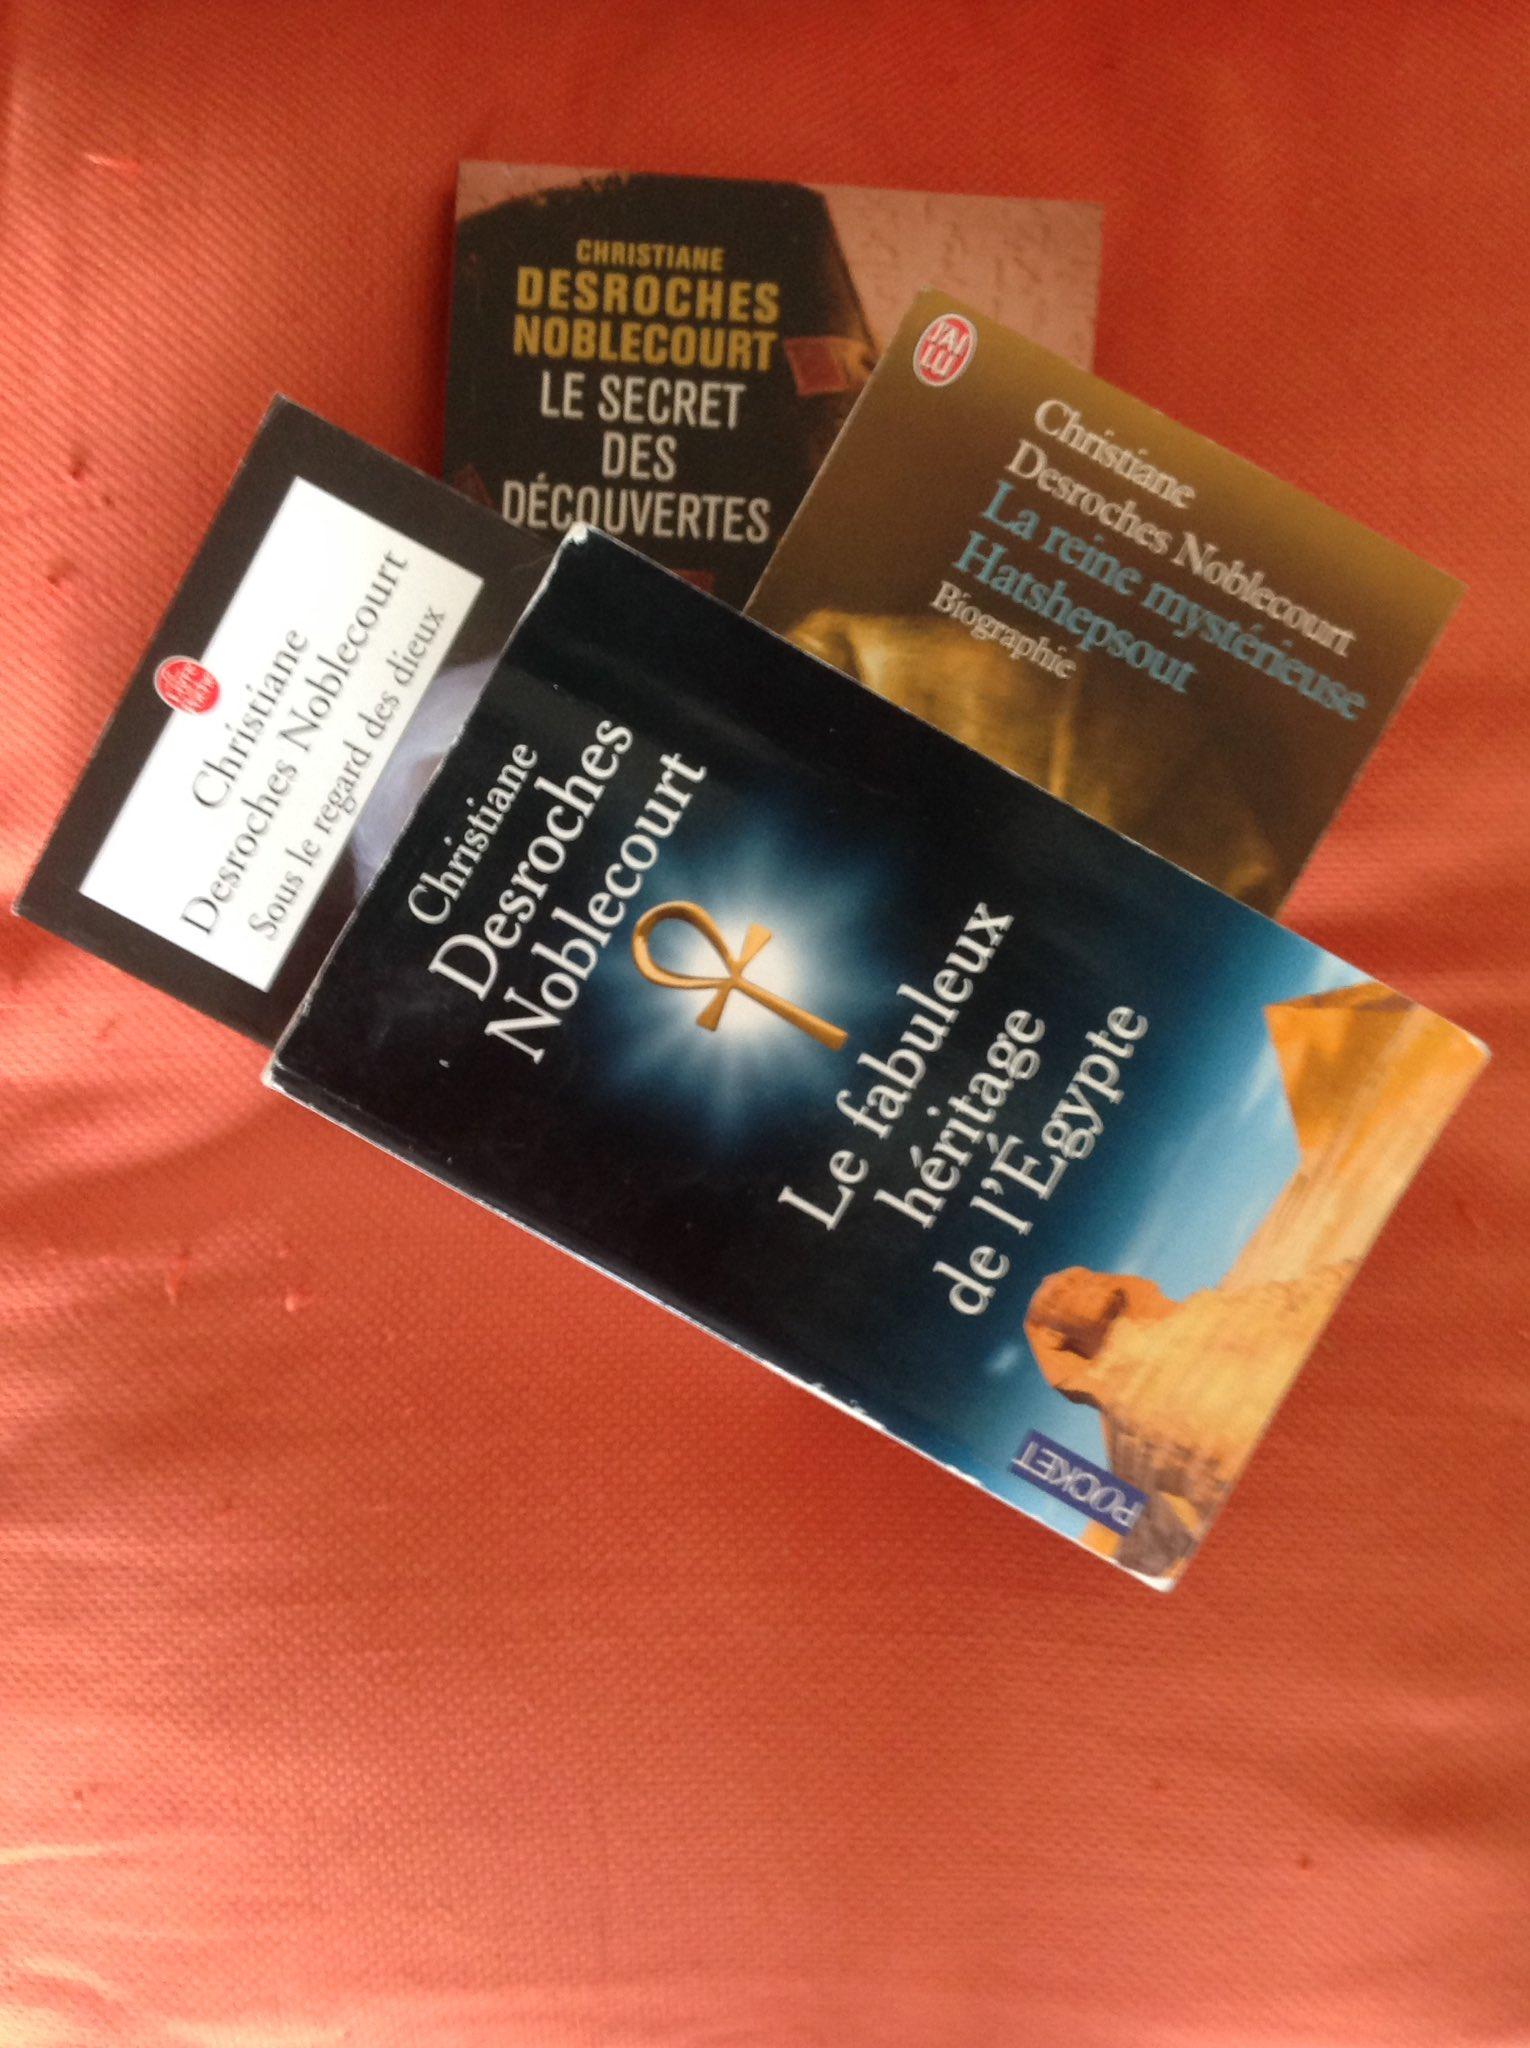 #VendrediLecture #vendredHist Les ouvrages de Christiane Desroches Noblecourt Excellente journée 🎋🌹 https://t.co/6Rj11MpGyN